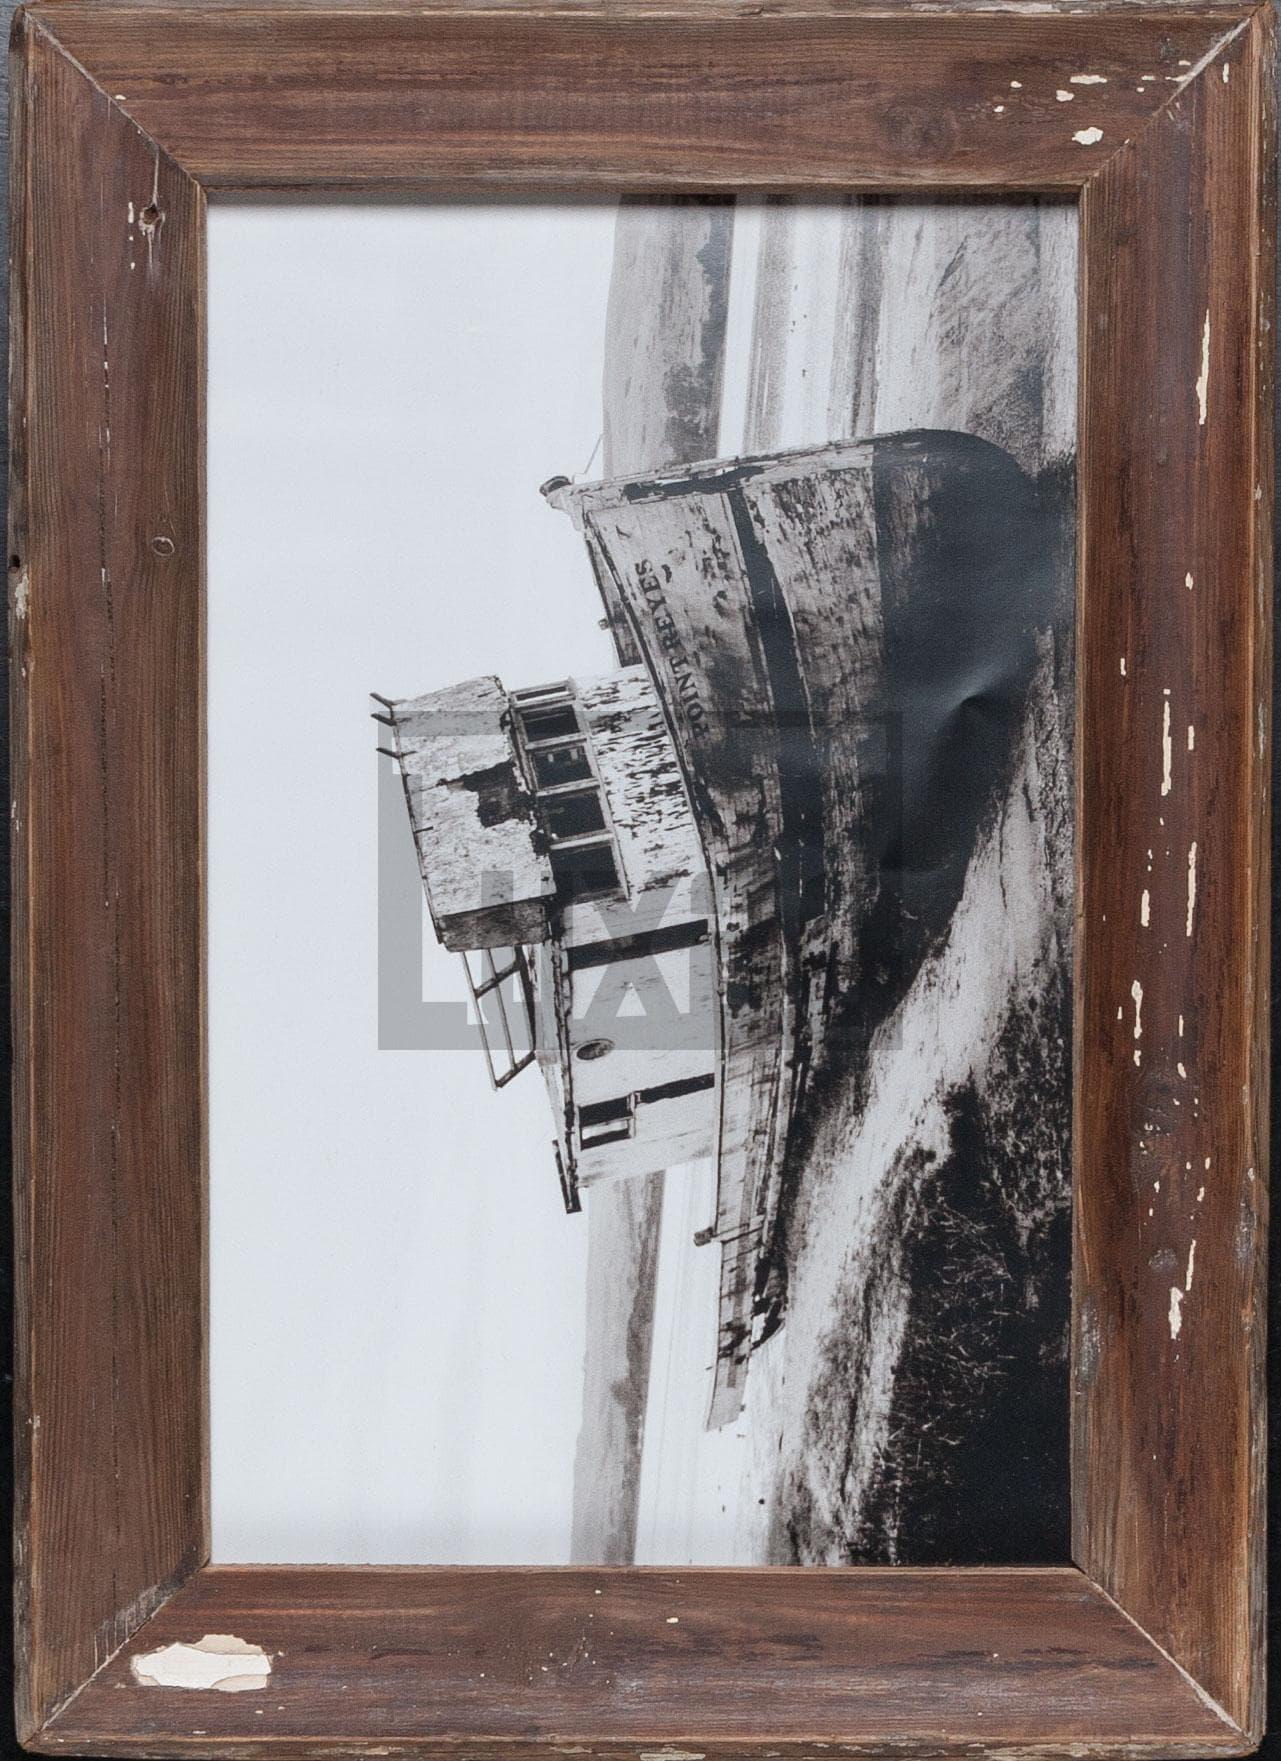 Vintage-Bilderrahmen für die Bildgröße 25 x 38 cm